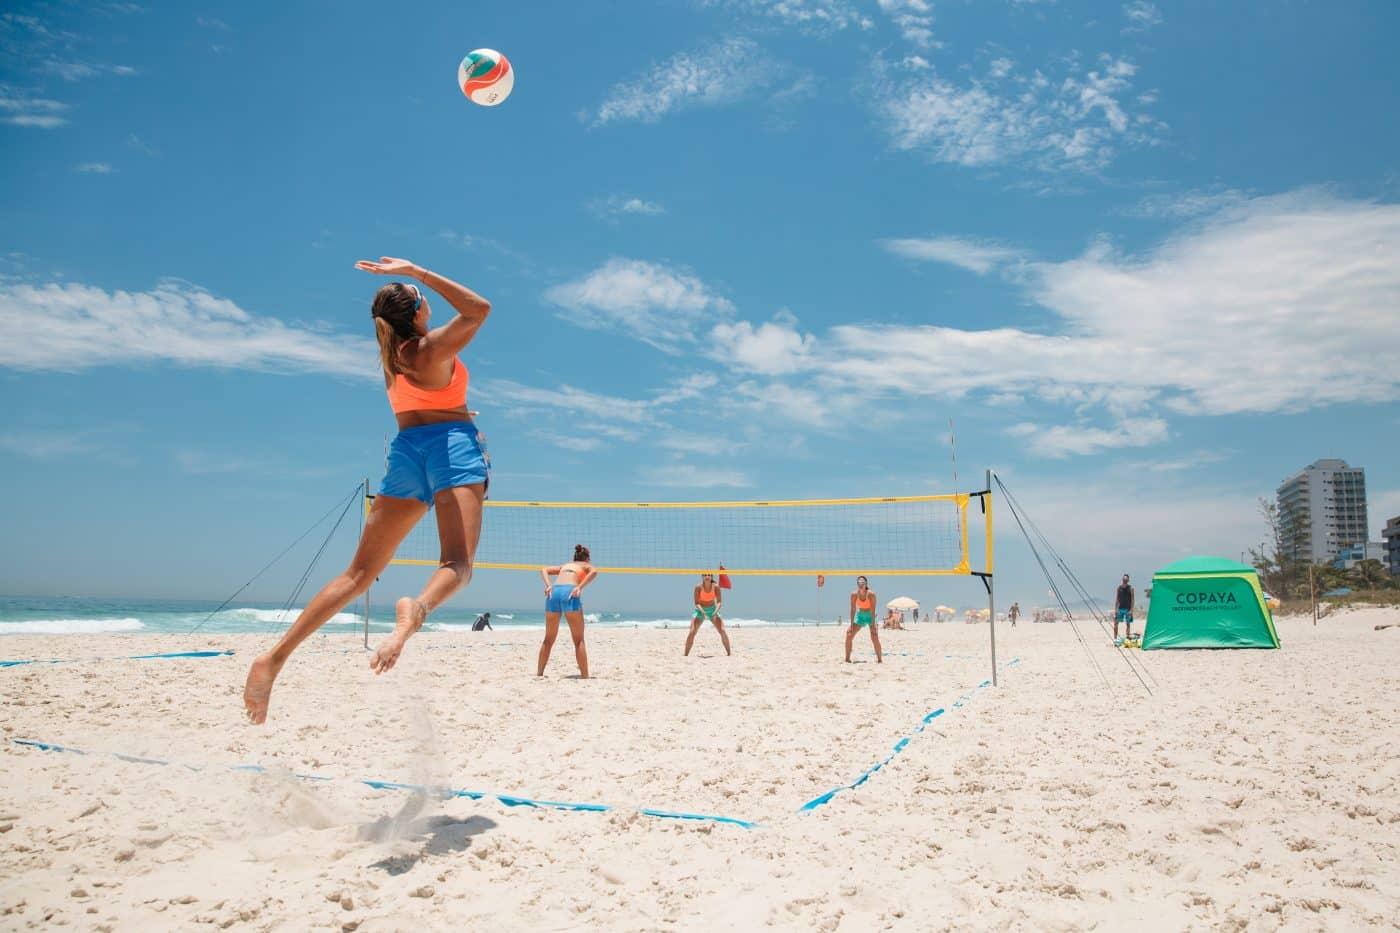 copaya-la-nouvelle-marque-de-beach-volley-chez-decathlon-7